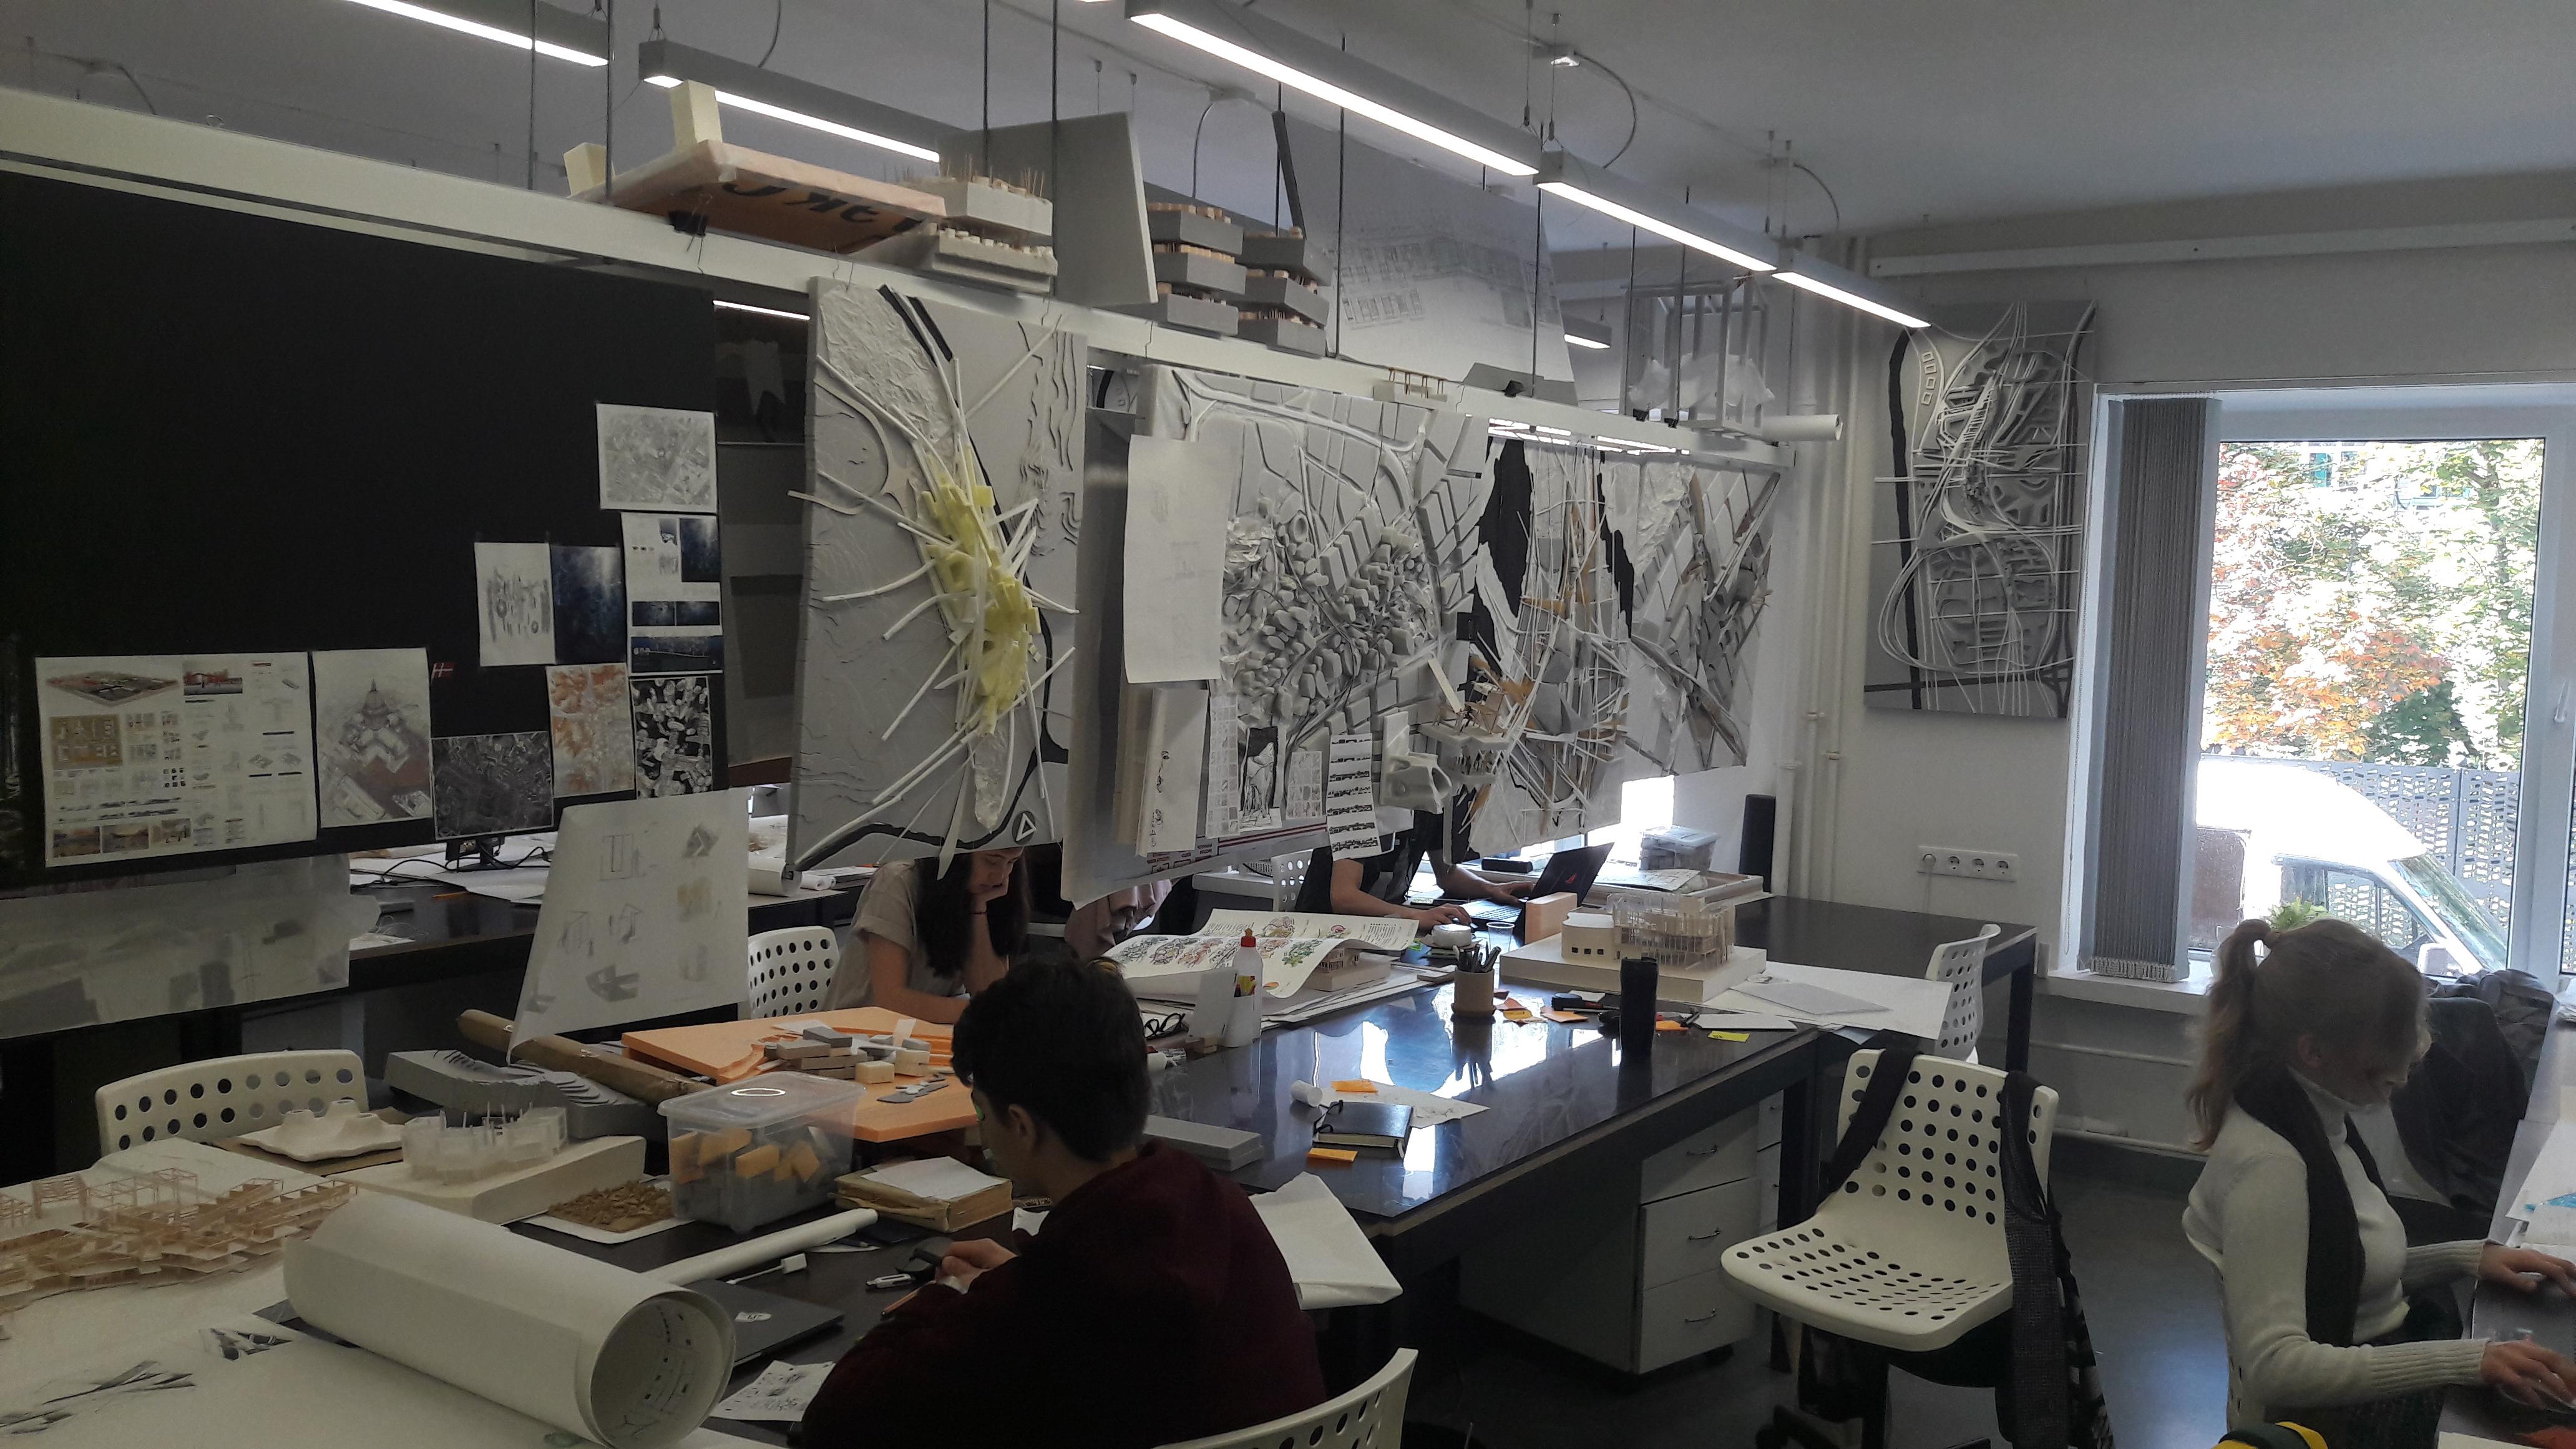 Sodobna učilnica za študij arhitekture